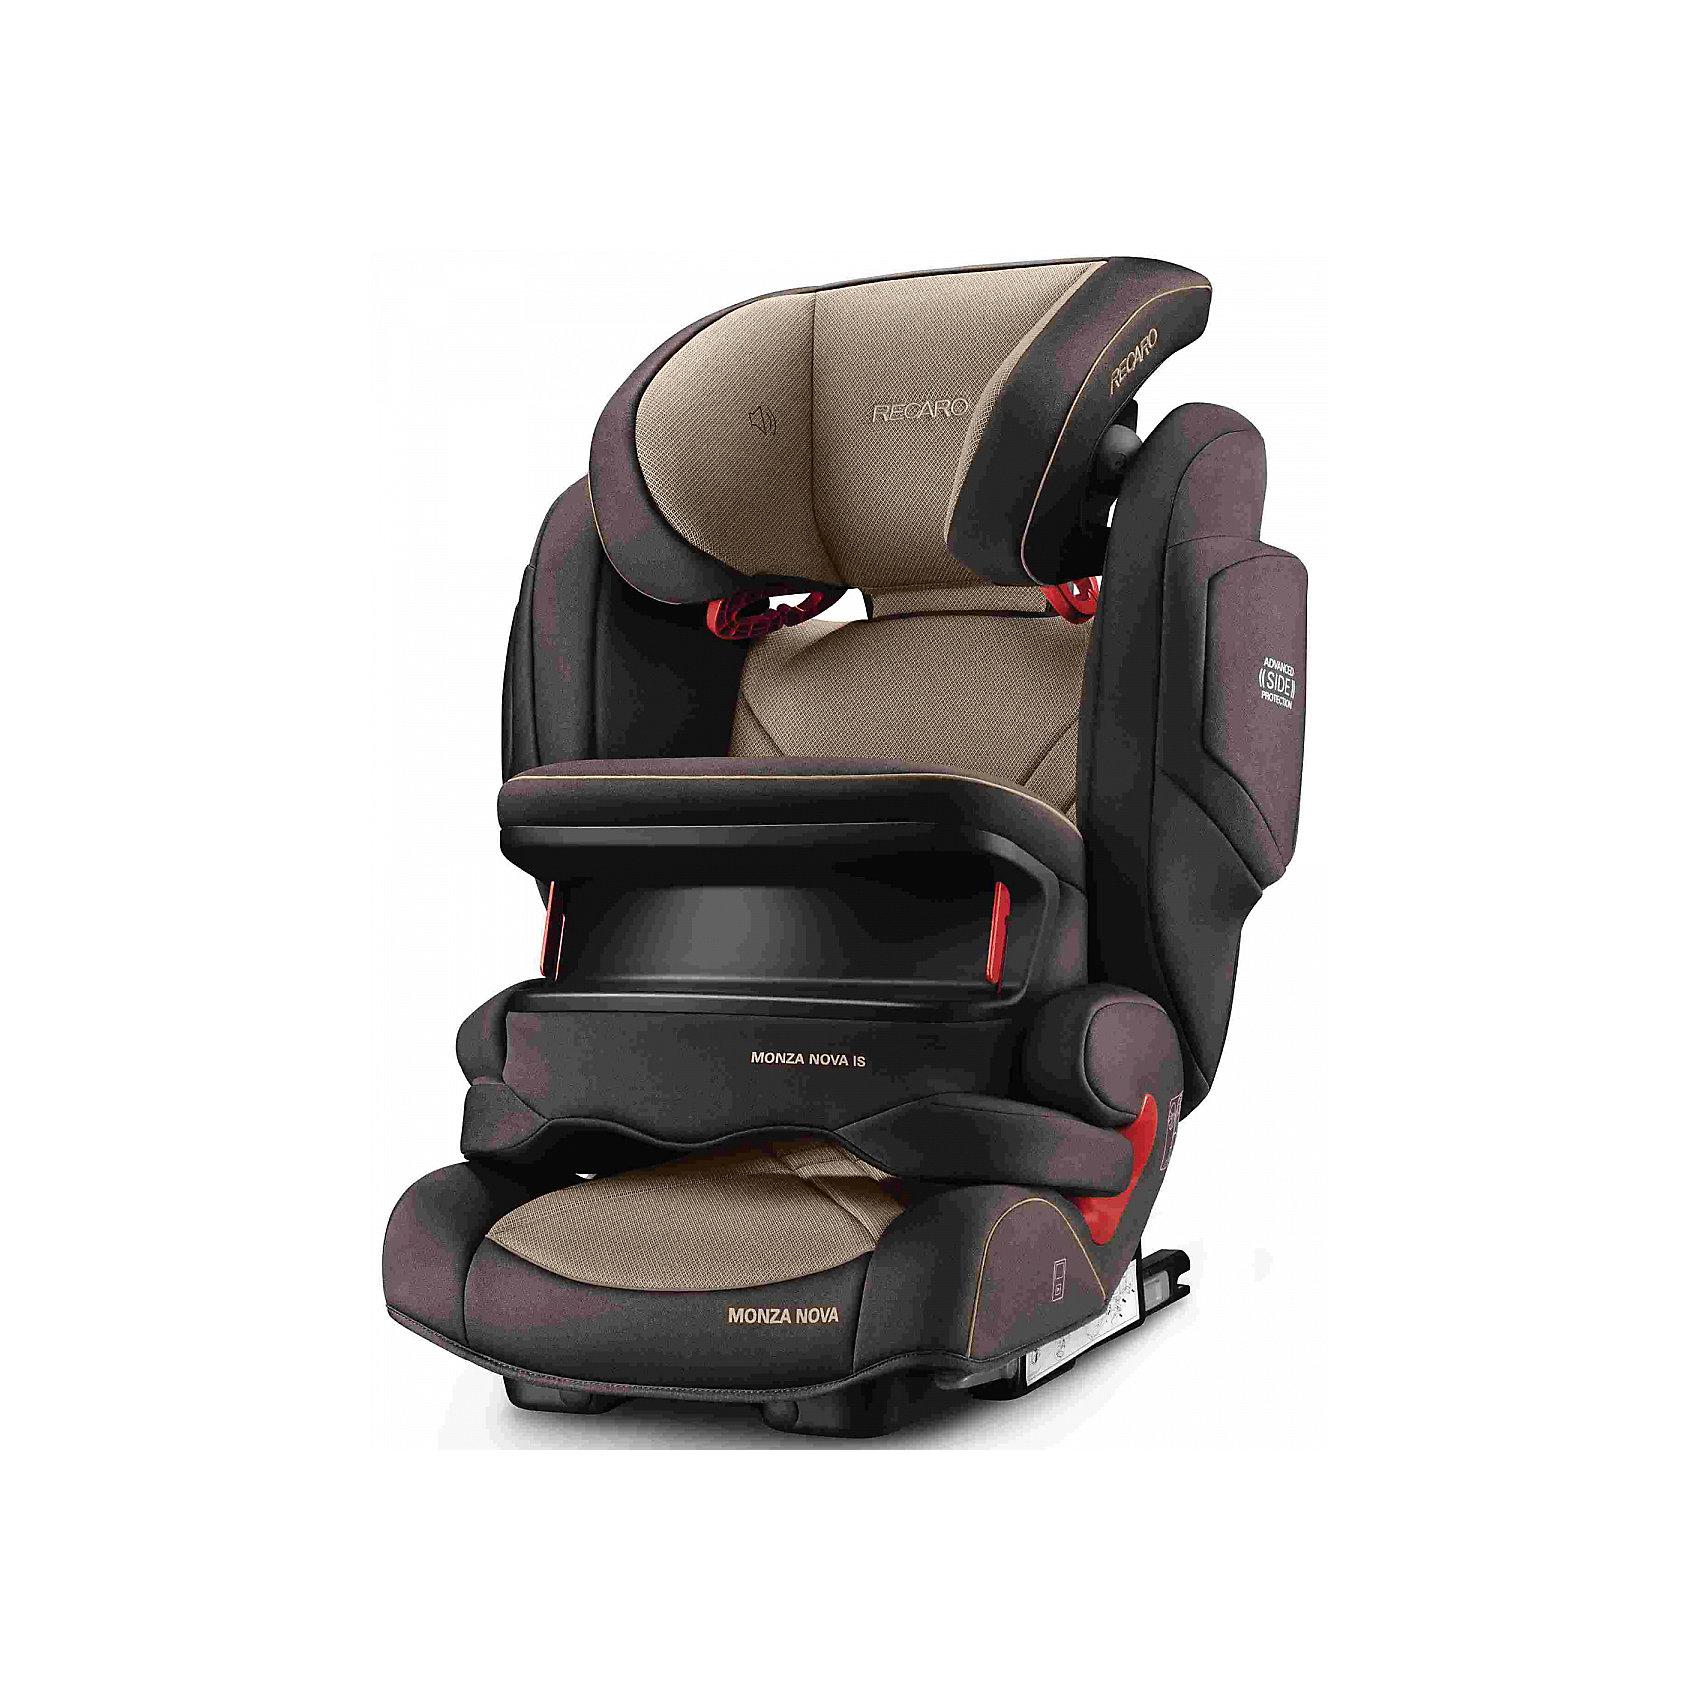 Автокресло RECARO Monza Nova IS Seatfix 9-36 кг, Dakar SendГруппа 1-2-3 (От 9 до 36 кг)<br>Характеристики:<br><br>• группа: 1/2/3;<br>• вес ребенка: 9-36 кг;<br>• возраст ребенка: от 9 месяцев до 12 лет;<br>• способ крепления: IsoFix или штатными ремнями безопасности автомобиля;<br>• способ установки: лицом по ходу движения автомобиля;<br>• регулируется высота подголовника: 11 положений;<br>• имеется ростомер;<br>• регулируется глубина подголовника;<br>• перед ребенком находится специальный жесткий столик, который обеспечивает максимальную защиту ребенка от ударов при столкновении и резком торможении;<br>• угол наклона спинки подгоняется под угол сиденья автомобиля, слегка откидывается назад;<br>• имеются подлокотники, высота не меняется;<br>• сетчатый кармашек на боковой стороне автокресла;<br>• под сиденьем автокресла имеются пластиковые опорные элементы;<br>• в боковинках автокресла находятся встроенные динамики;<br>• усиленная боковая защита, 12 см;<br>• материал: пластик, полиэстер;<br>• размеры автокресла: 48х55х74 см;<br>• вес: 8 кг.<br><br>Автокресло Monza Nova IS Seatfix будет сопровождать вас и вашего кроху вплоть до достижения ребенком возраста 12 лет. Автокресло укомплектовано дополнительными аксессуарами для наибольшей безопасности ребенка на каждом этапе его взросления. Когда вес малыша находится в пределах 9-18 кг, эргономичный защитный столик вместе с 3-х точечным ремнем безопасности автомобиля обеспечивают максимальную безопасность. Автокресло обязательно используется со столиком, пока кроха не достигнет определенного роста и веса (95 см/18 кг).<br><br>Автокресло устанавливается на заднем сидении автомобиля с помощью системы Изофикс. Выдвижные крепления кресла совмещаются с системой Изофикс в автомобиле.<br>Обивка автокресла выполнена из дышащего материала, который не впитывает посторонние запахи. Автокресло оснащено вентиляционными отверстиями для циркуляции воздуха и регуляции теплообмена. Чехлы автокресла съемные, допускается стирка при температу